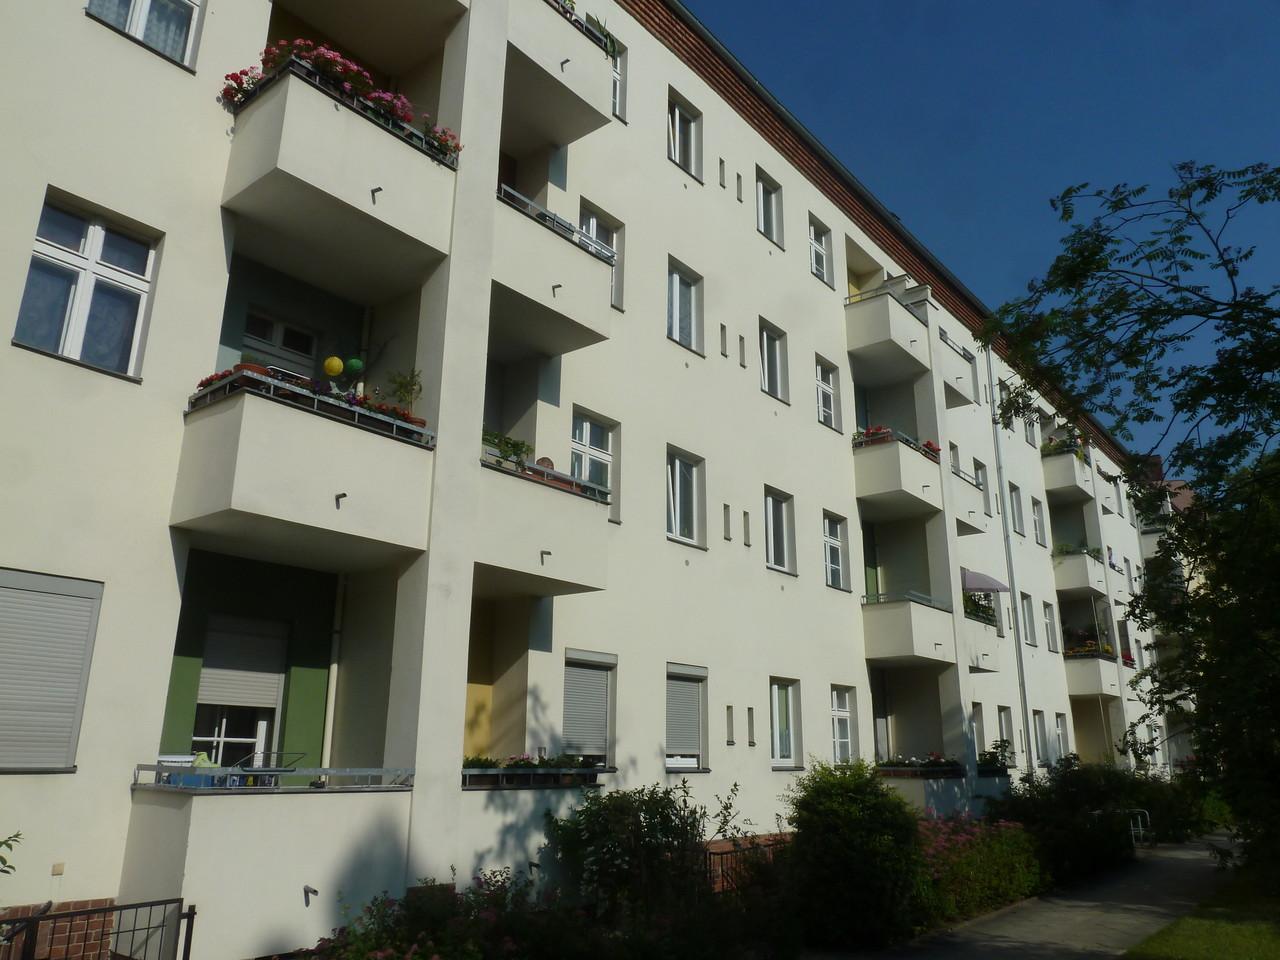 Gepflegte Wohnanlage in Berlin- Oberschöneweide